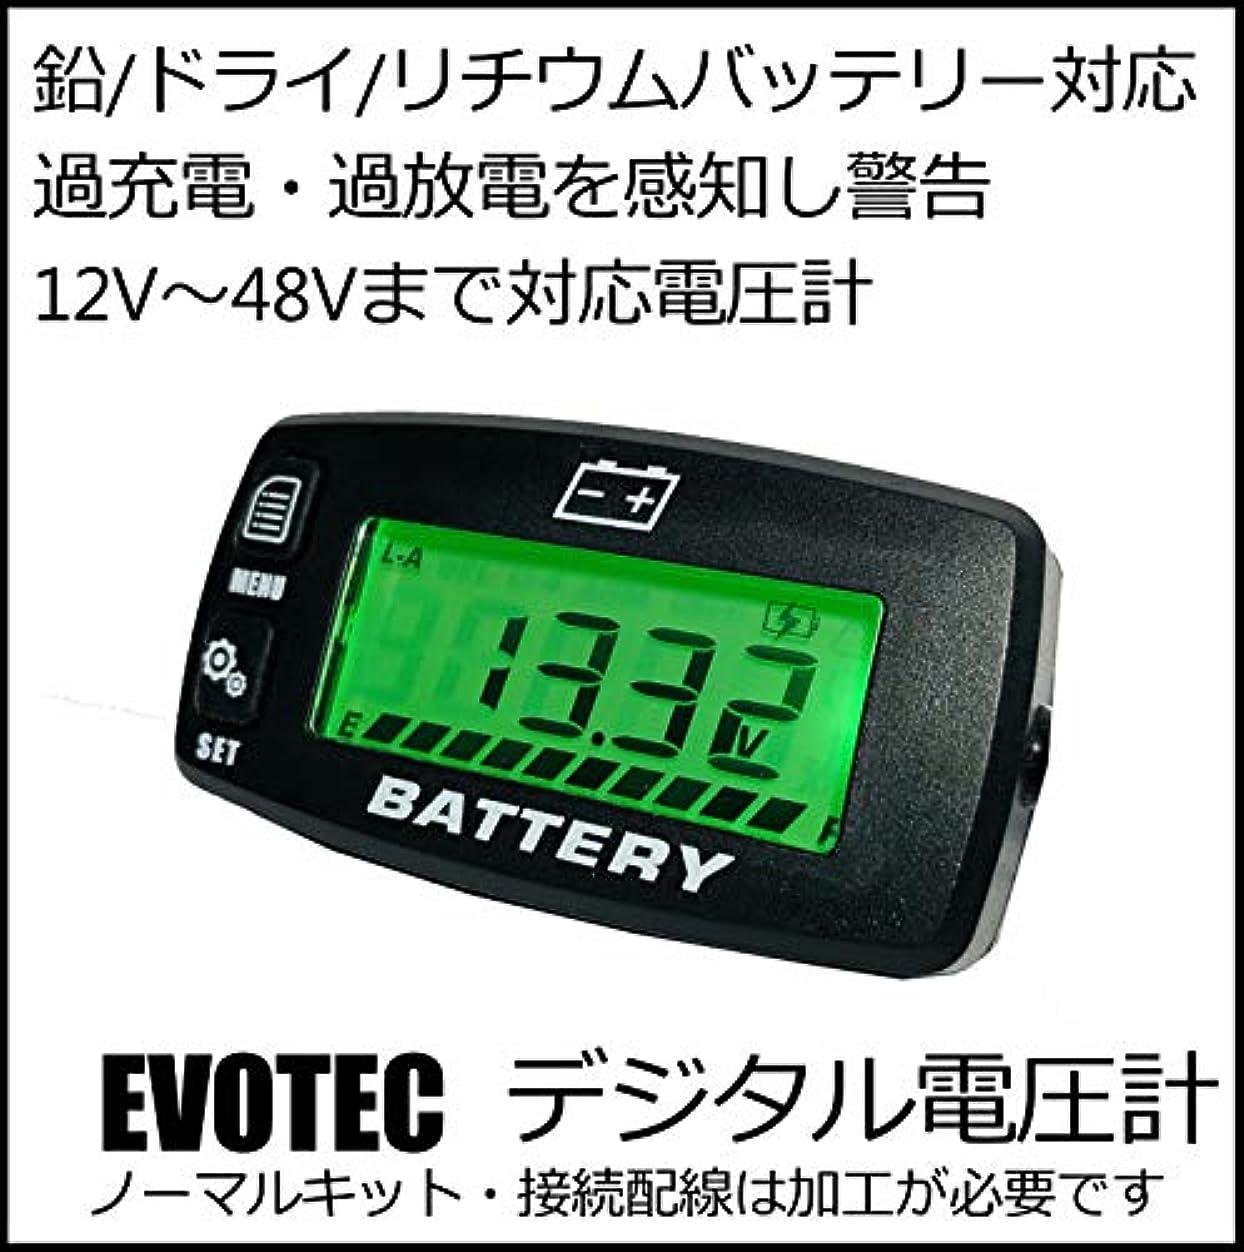 12V~48Vバッテリー対応 デジタル電圧計 バッテリーインジケーターノーマルキット EV-209BI